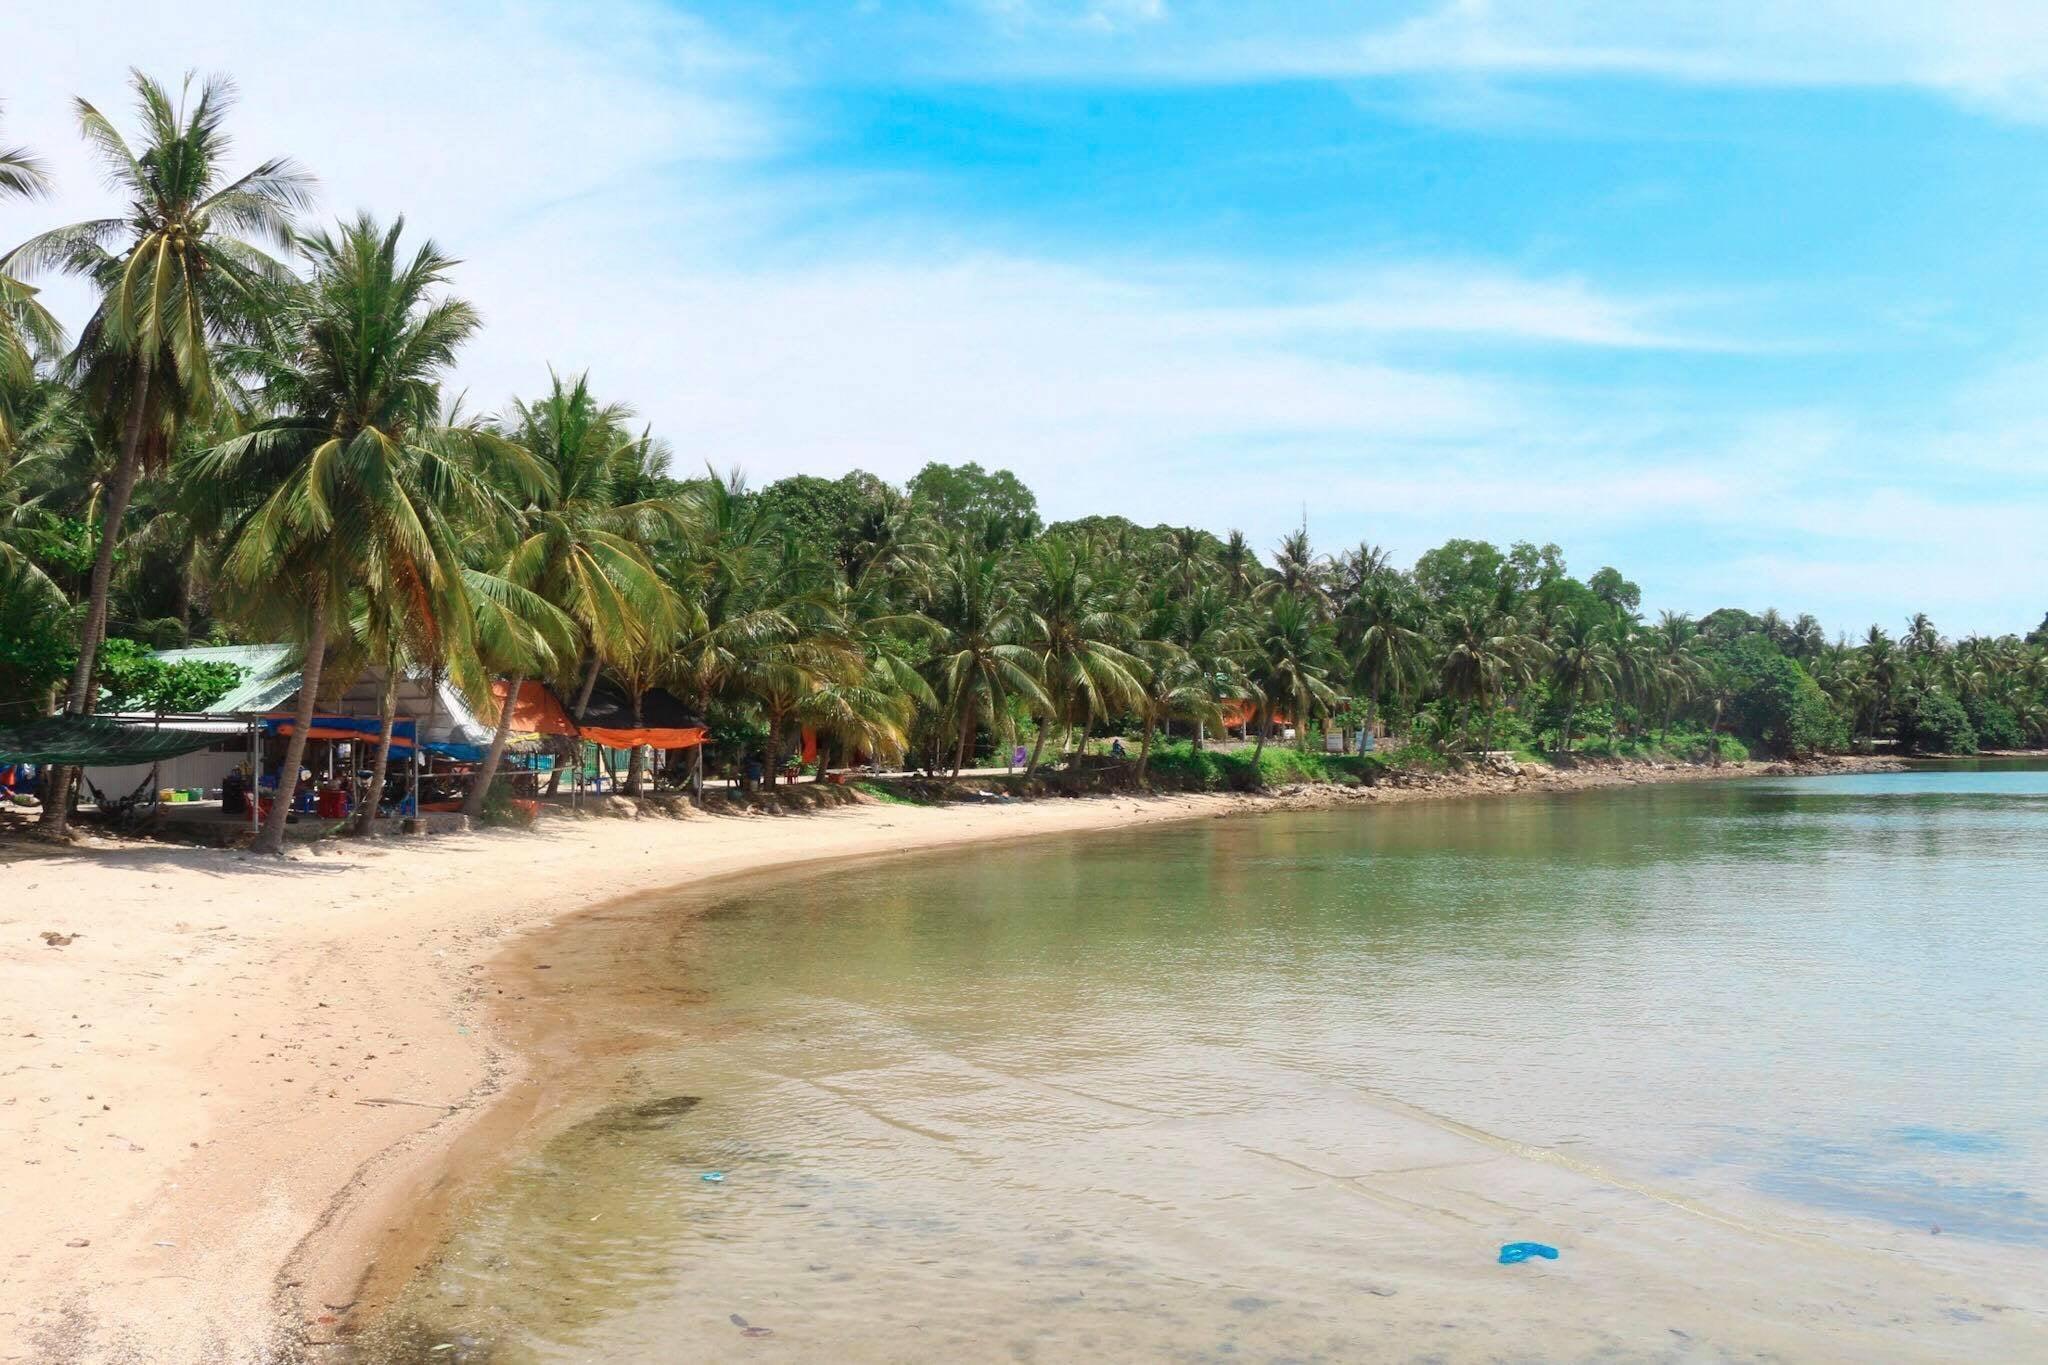 Khám phá hòn đảo hoang sơ, đảo Hải Tặc